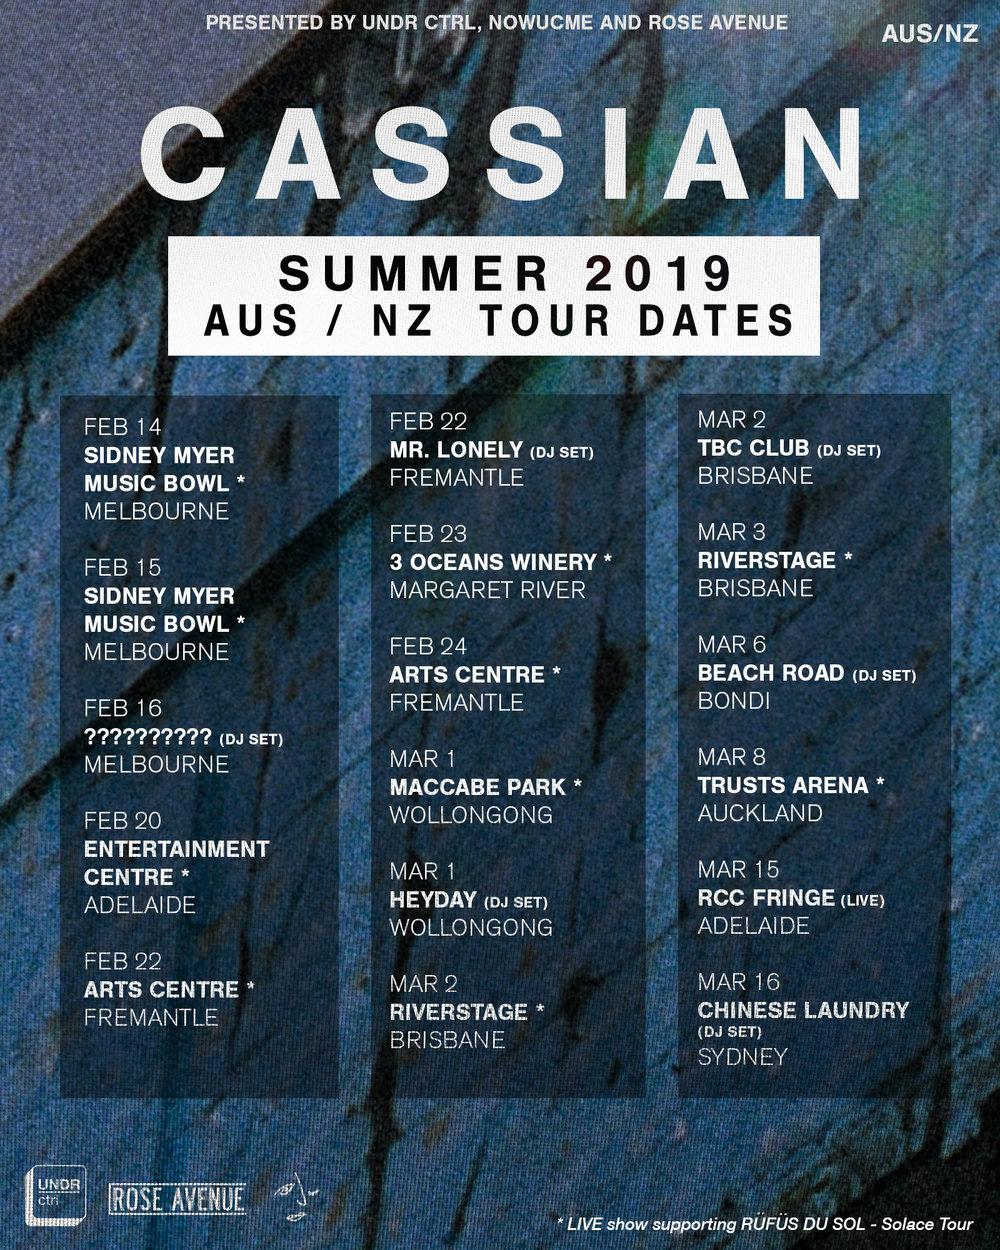 CASS - AUS NZ - 19 v4.jpg